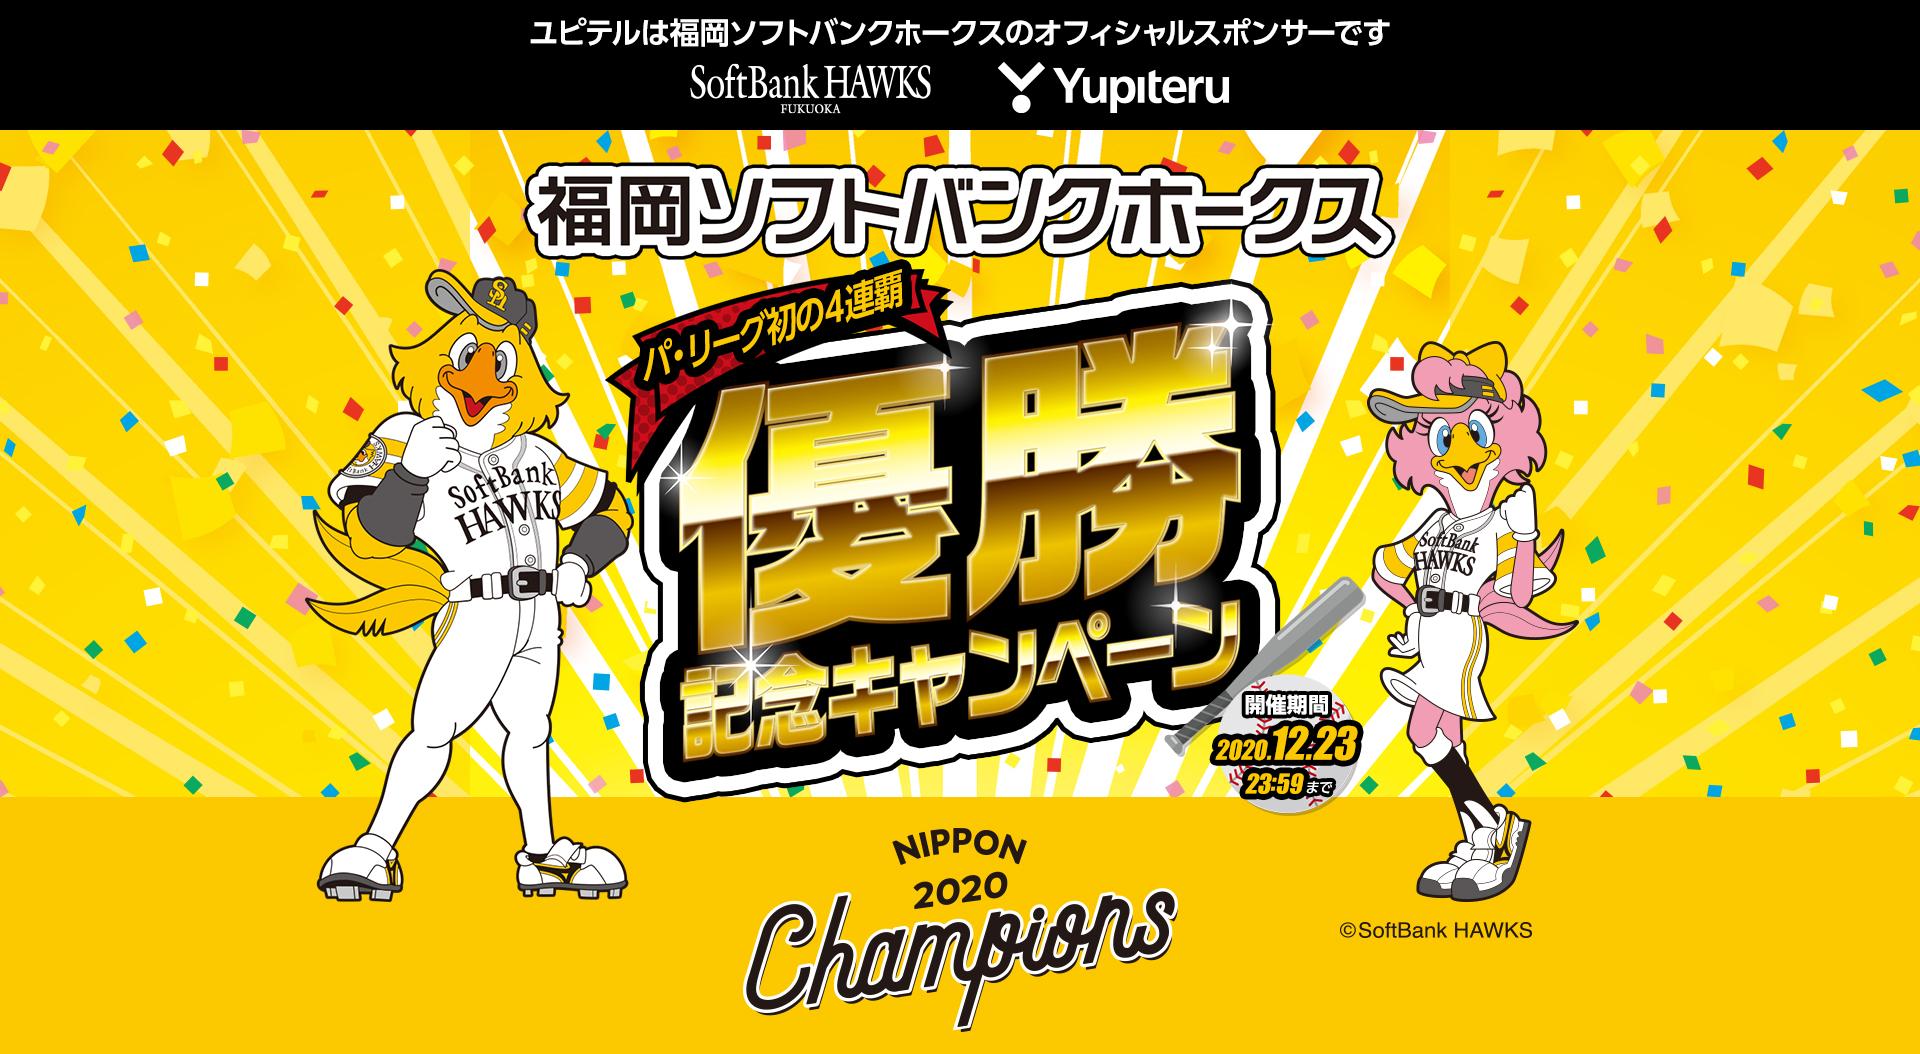 福岡ソフトバンクホークス 初の4連覇 優勝記念キャンペーン